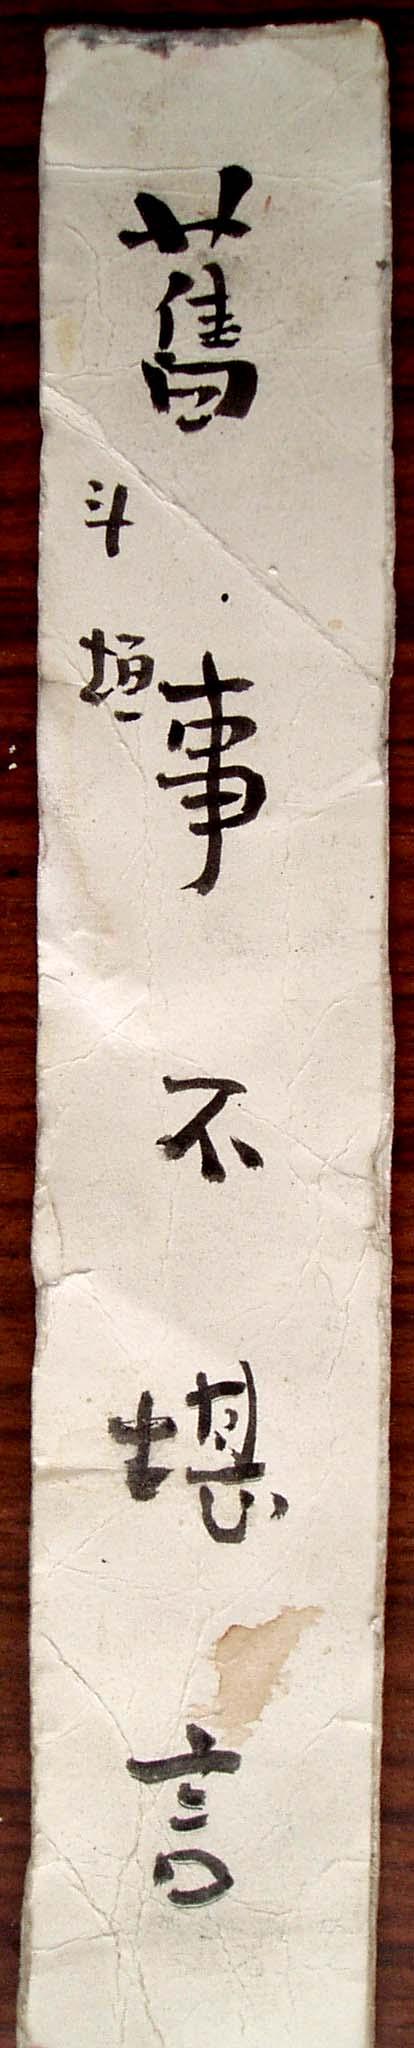 斗垣书法10:旧事不堪言 - 斗垣 - 斗垣的博客